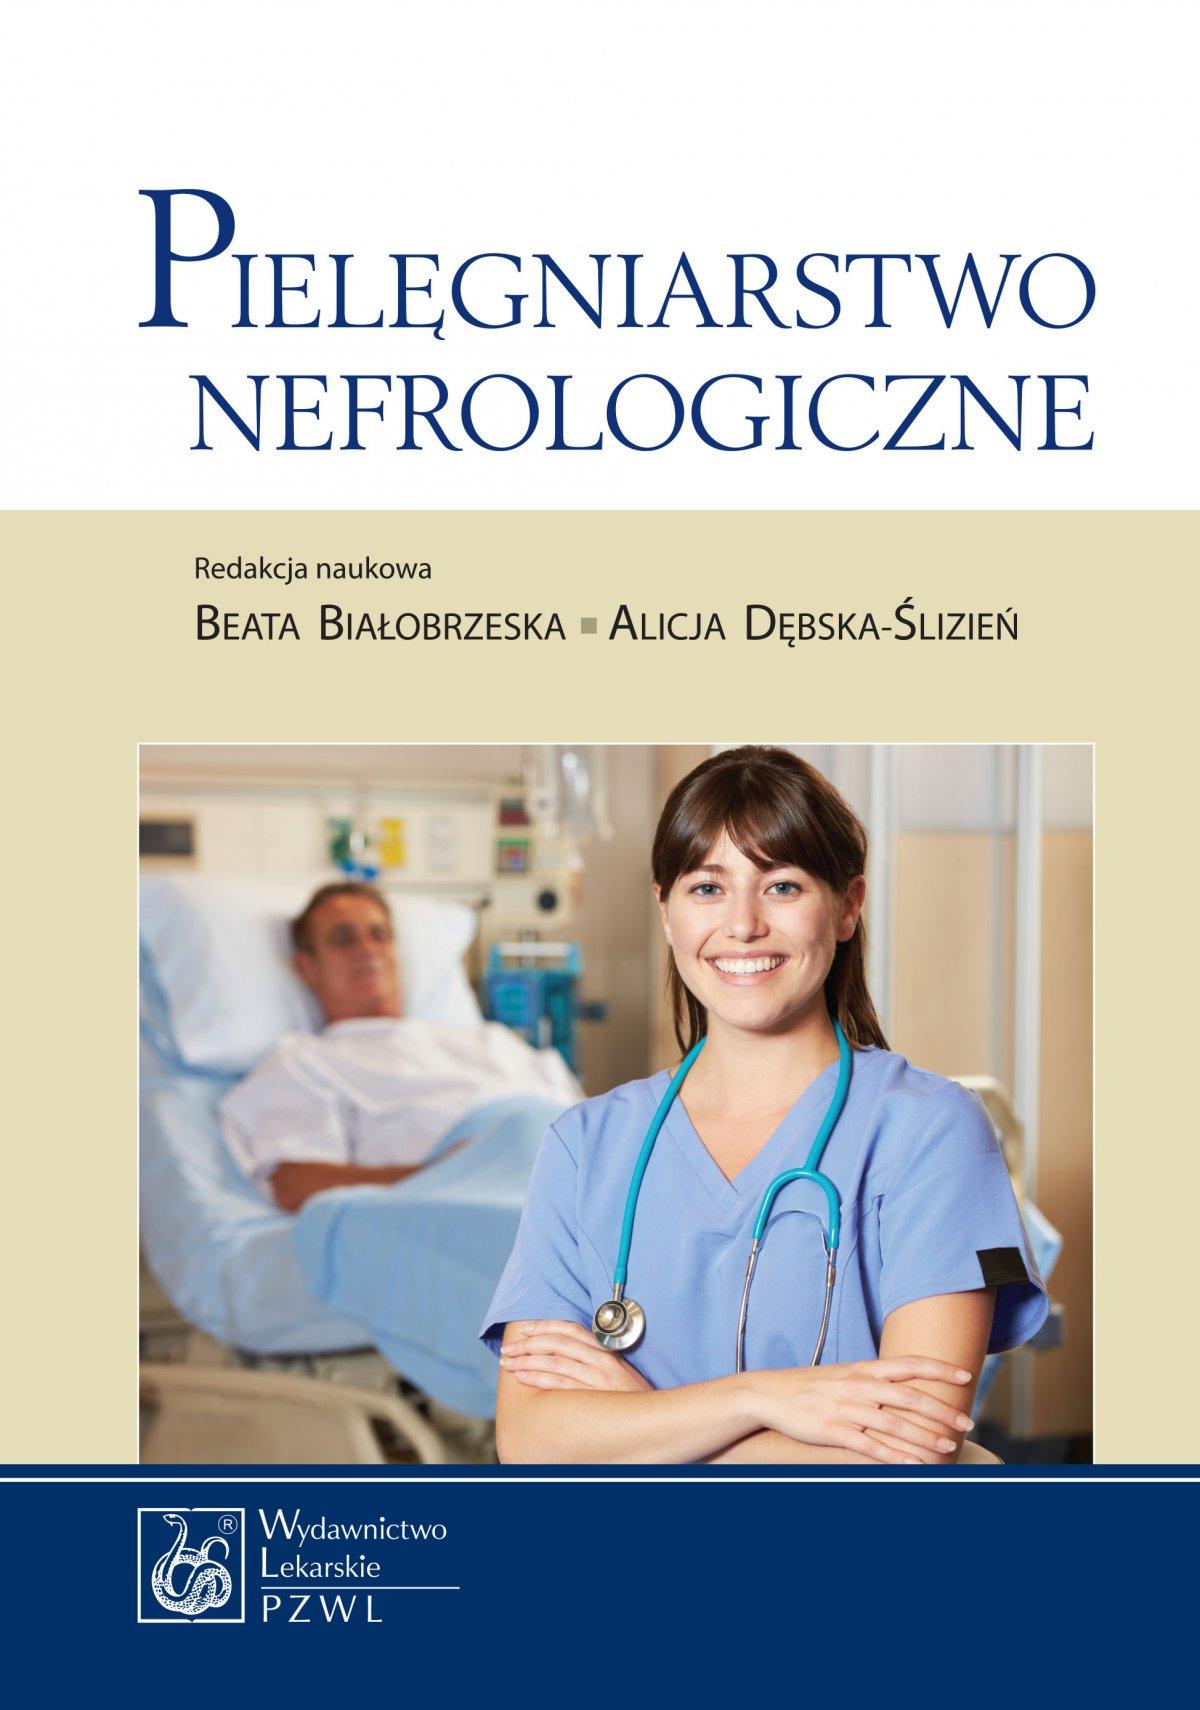 Pielęgniarstwo nefrologiczne - Ebook (Książka na Kindle) do pobrania w formacie MOBI